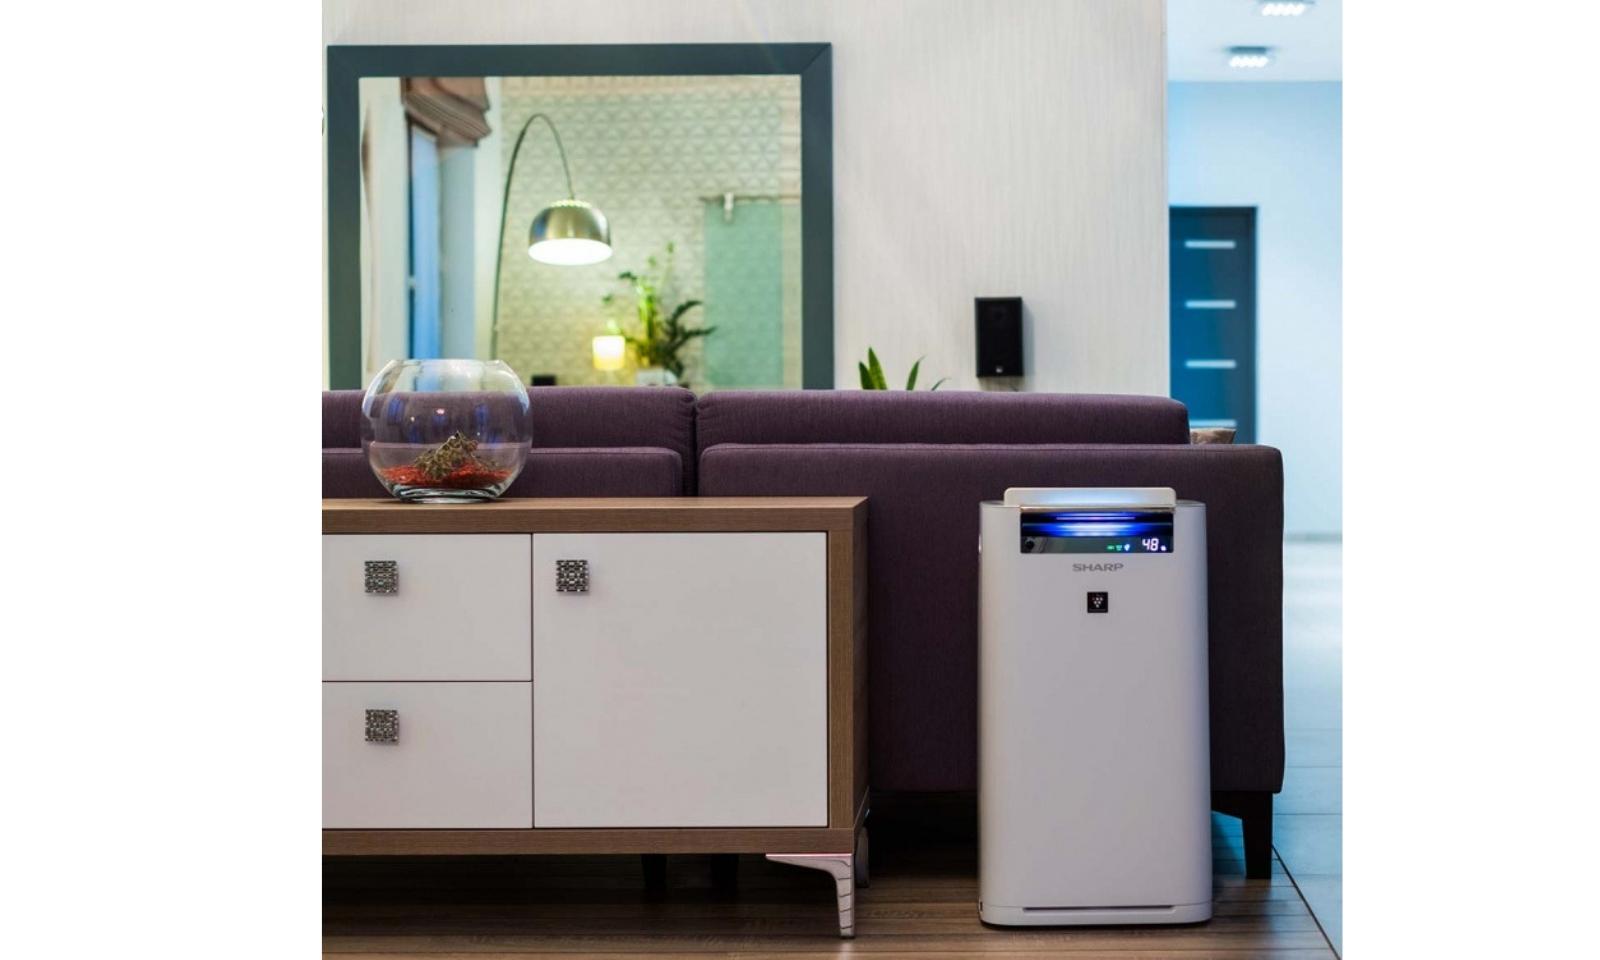 Oczyszczacz powietrza Sharp KC-G40EUB w mieszkaniu